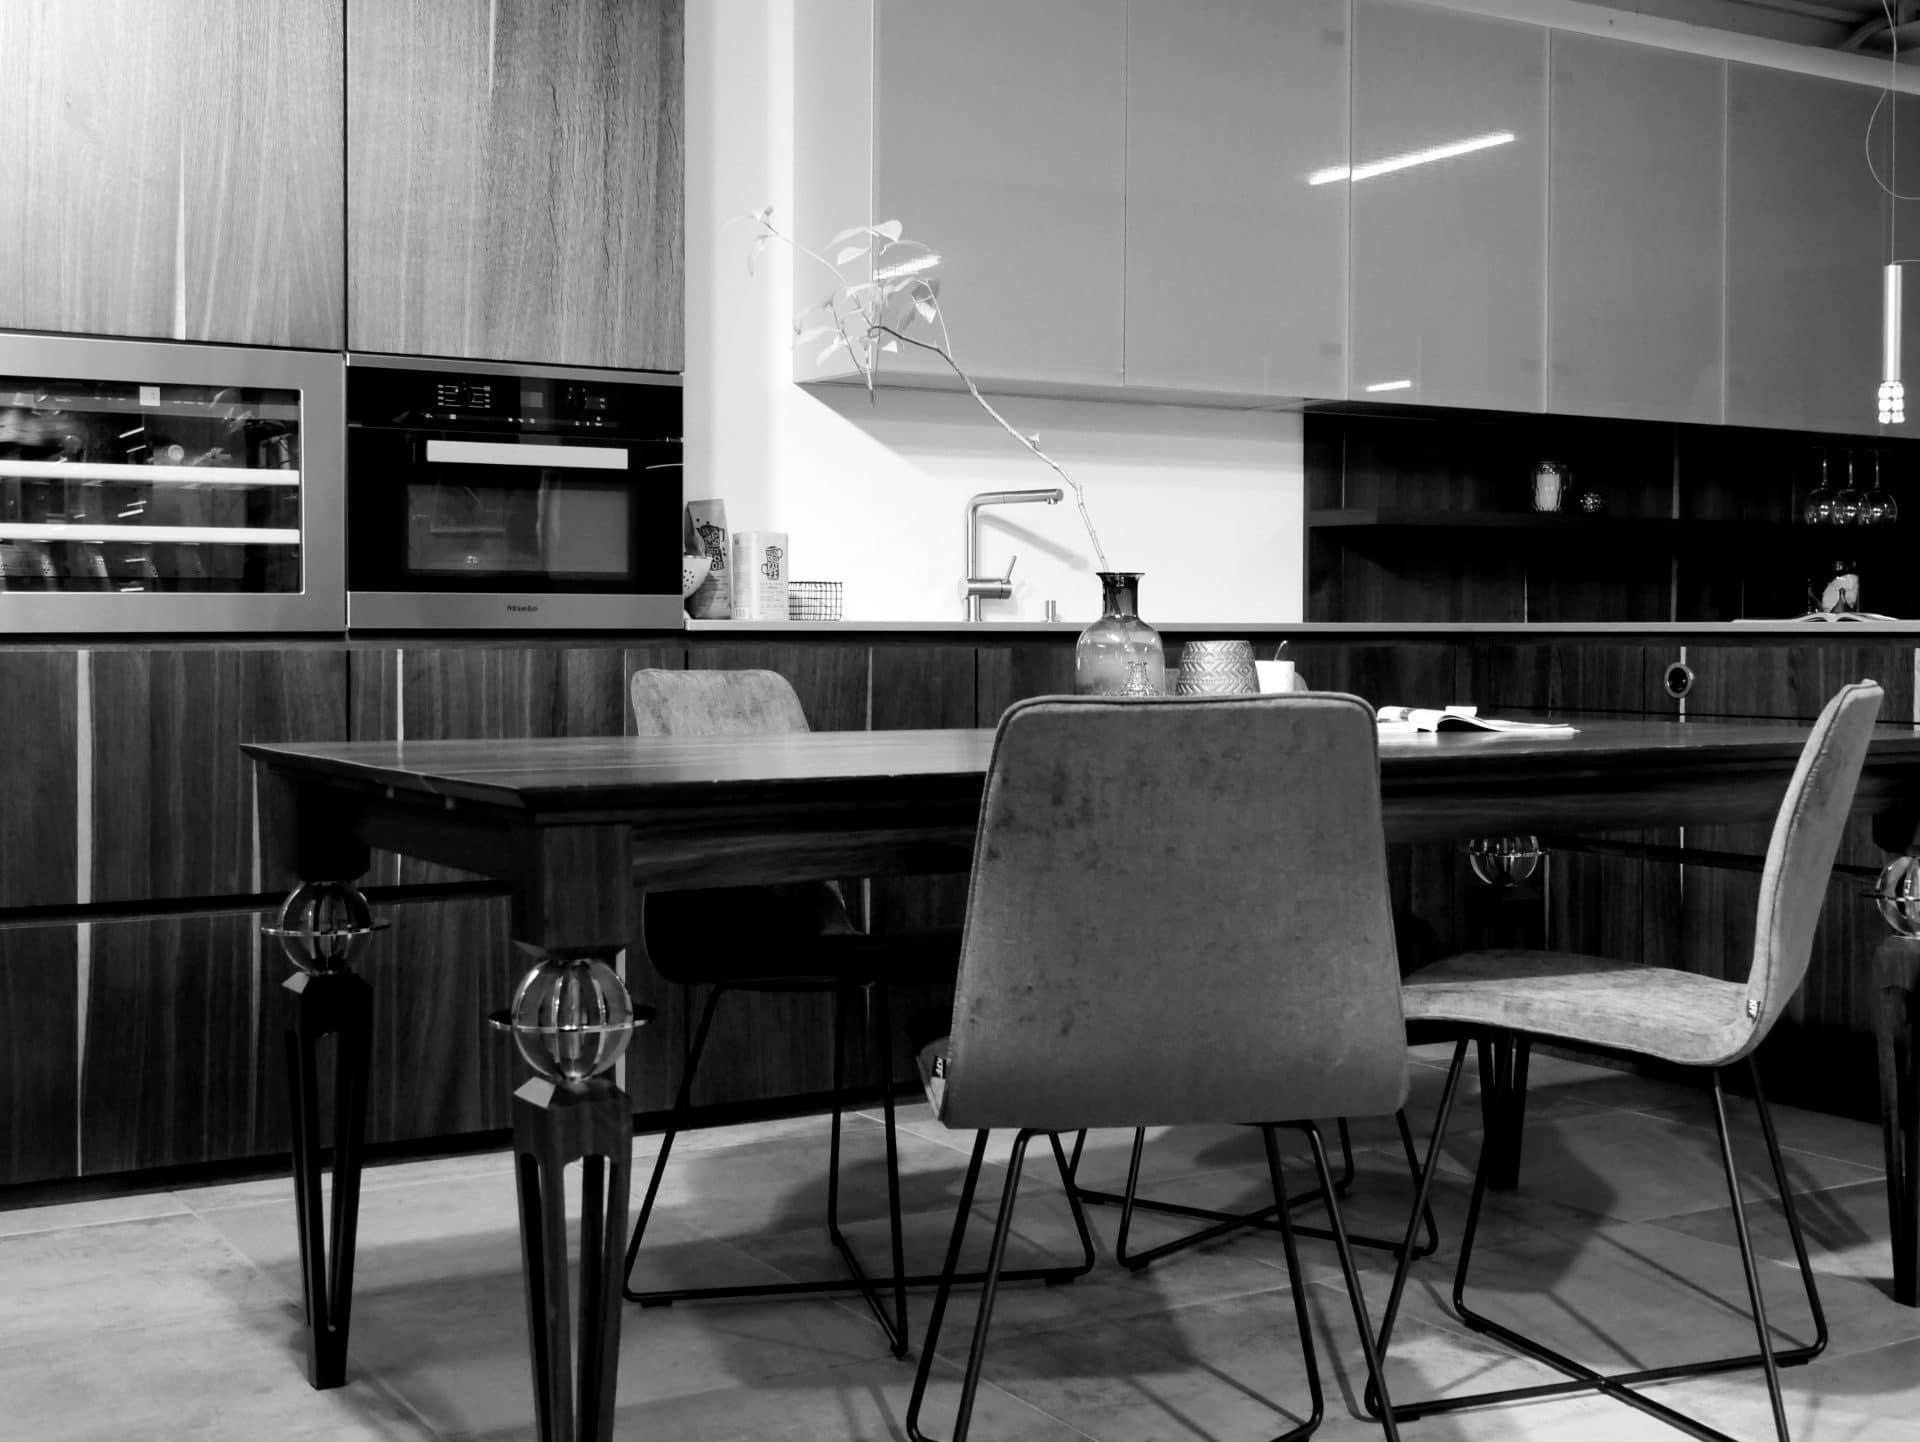 Showroom von Schreinerei und Planungsbüro VOIT in Reichertshausen, Designer Tisch, im Hintergrund Kücheneinbau mit Geräten und Naturholz Fronten - Bild in schwarz-weiß